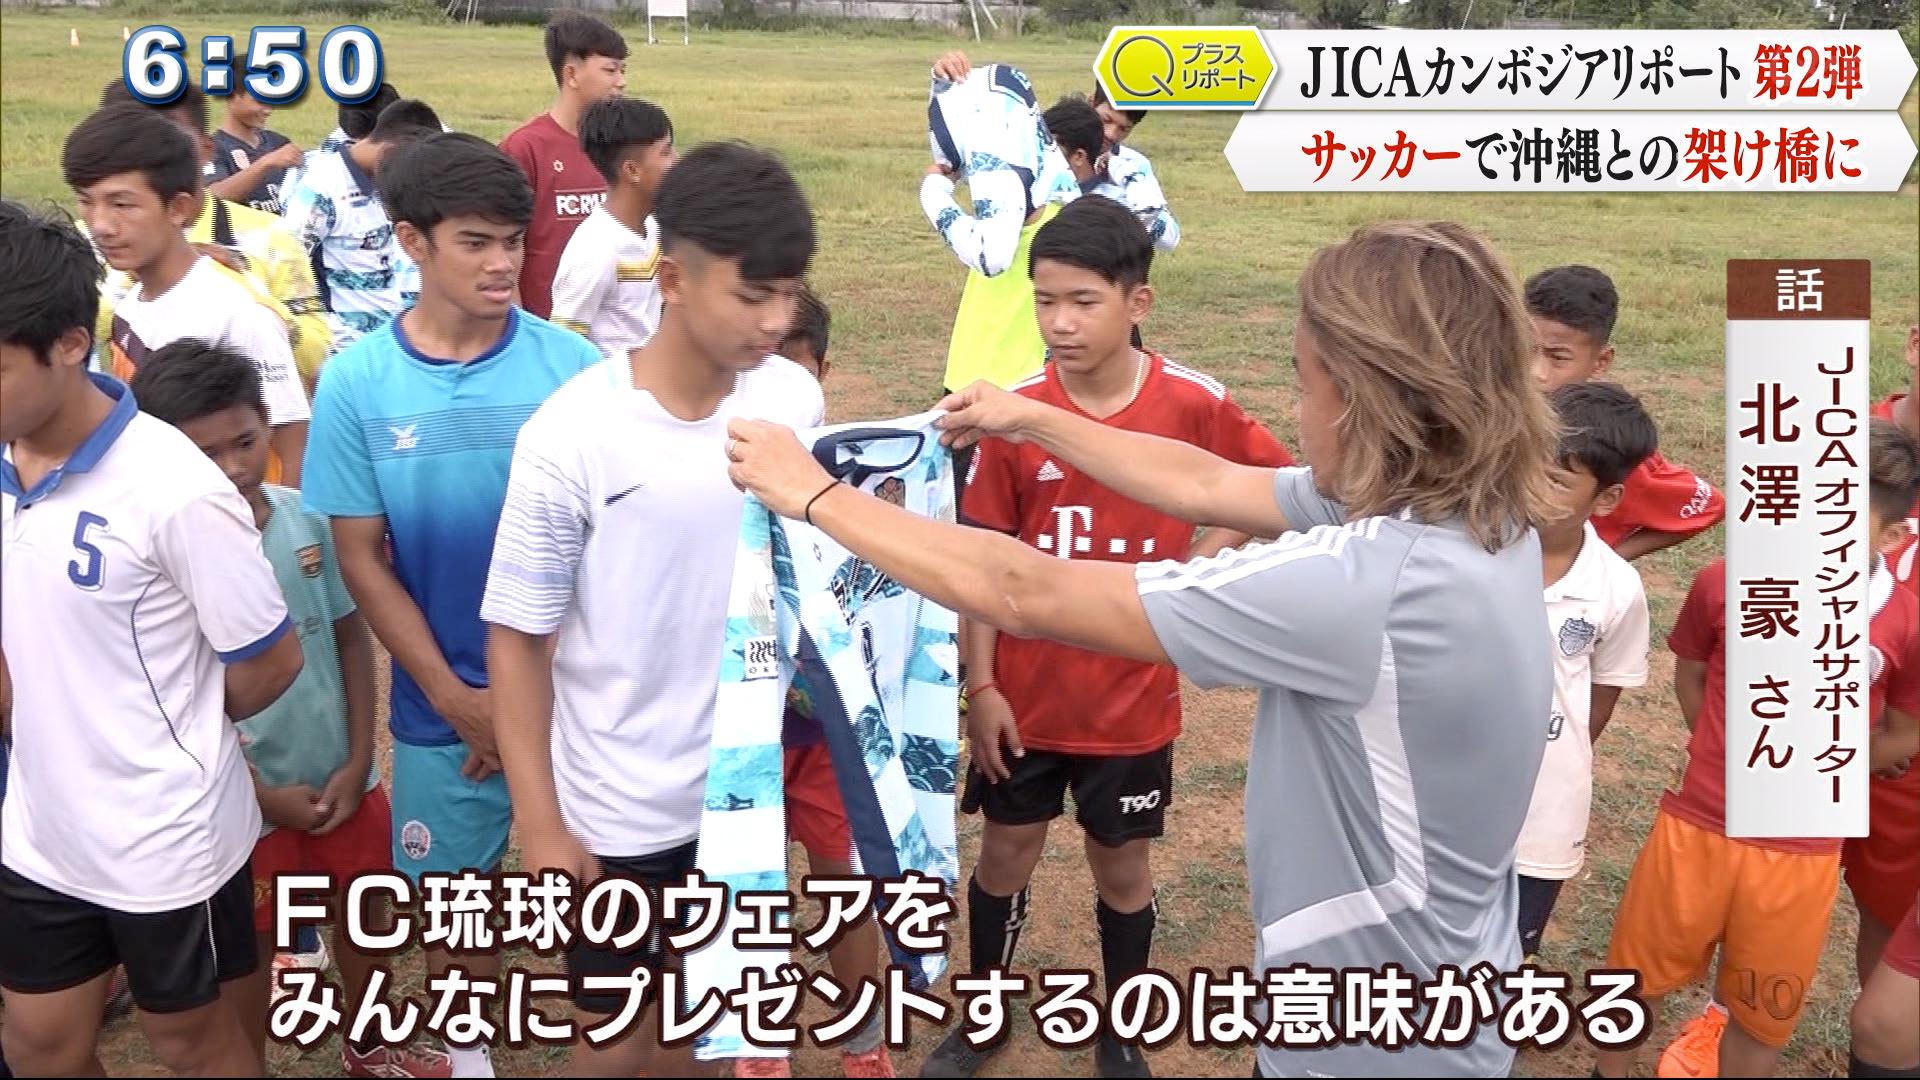 FC琉球のウェアをみんなにプレゼントするのは意味がある